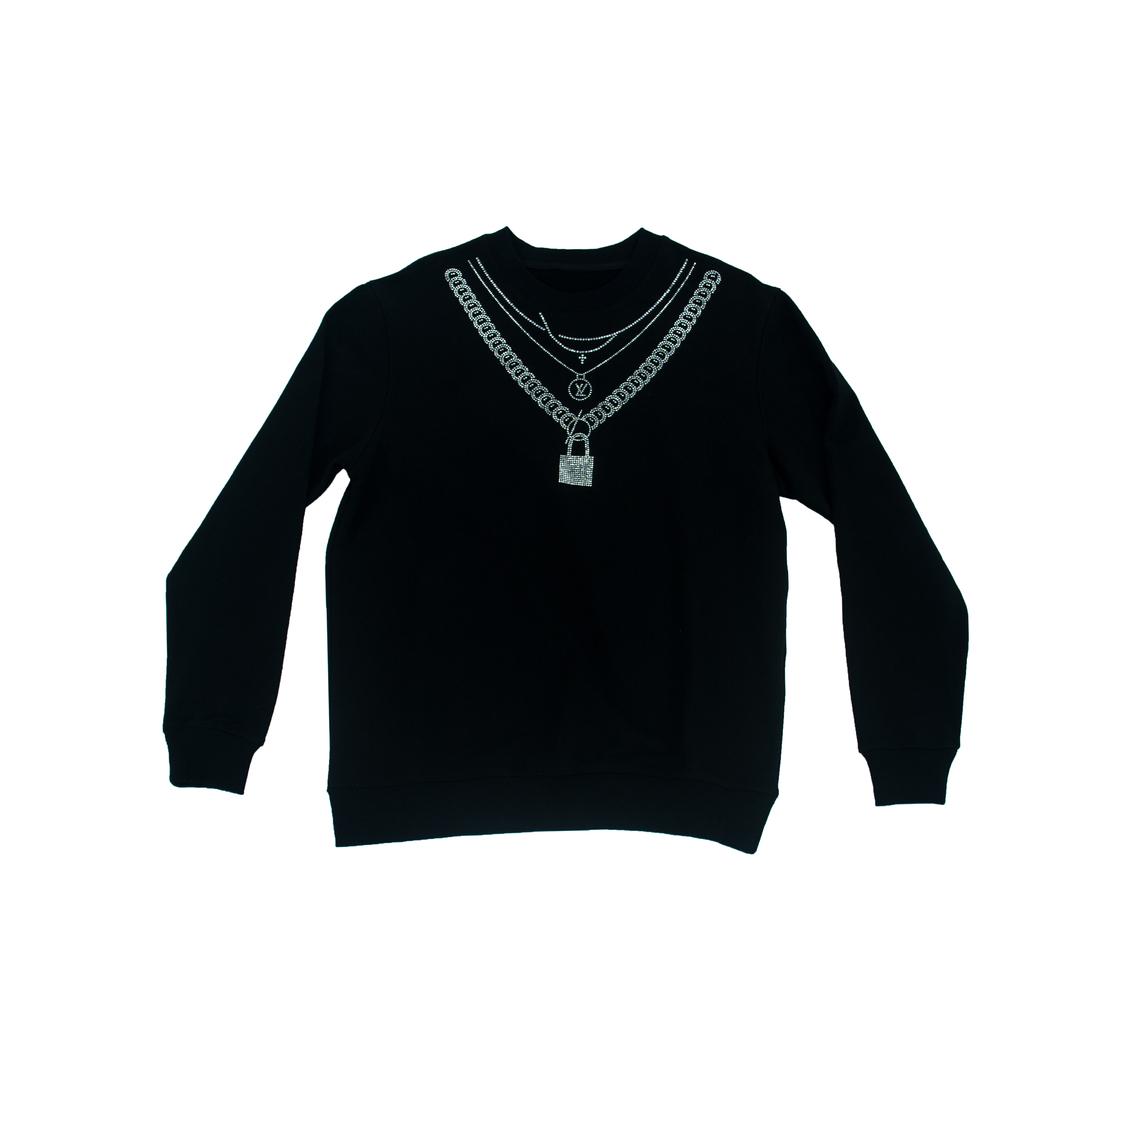 Áo nỉ Louis Vuitton đá khóa - đen